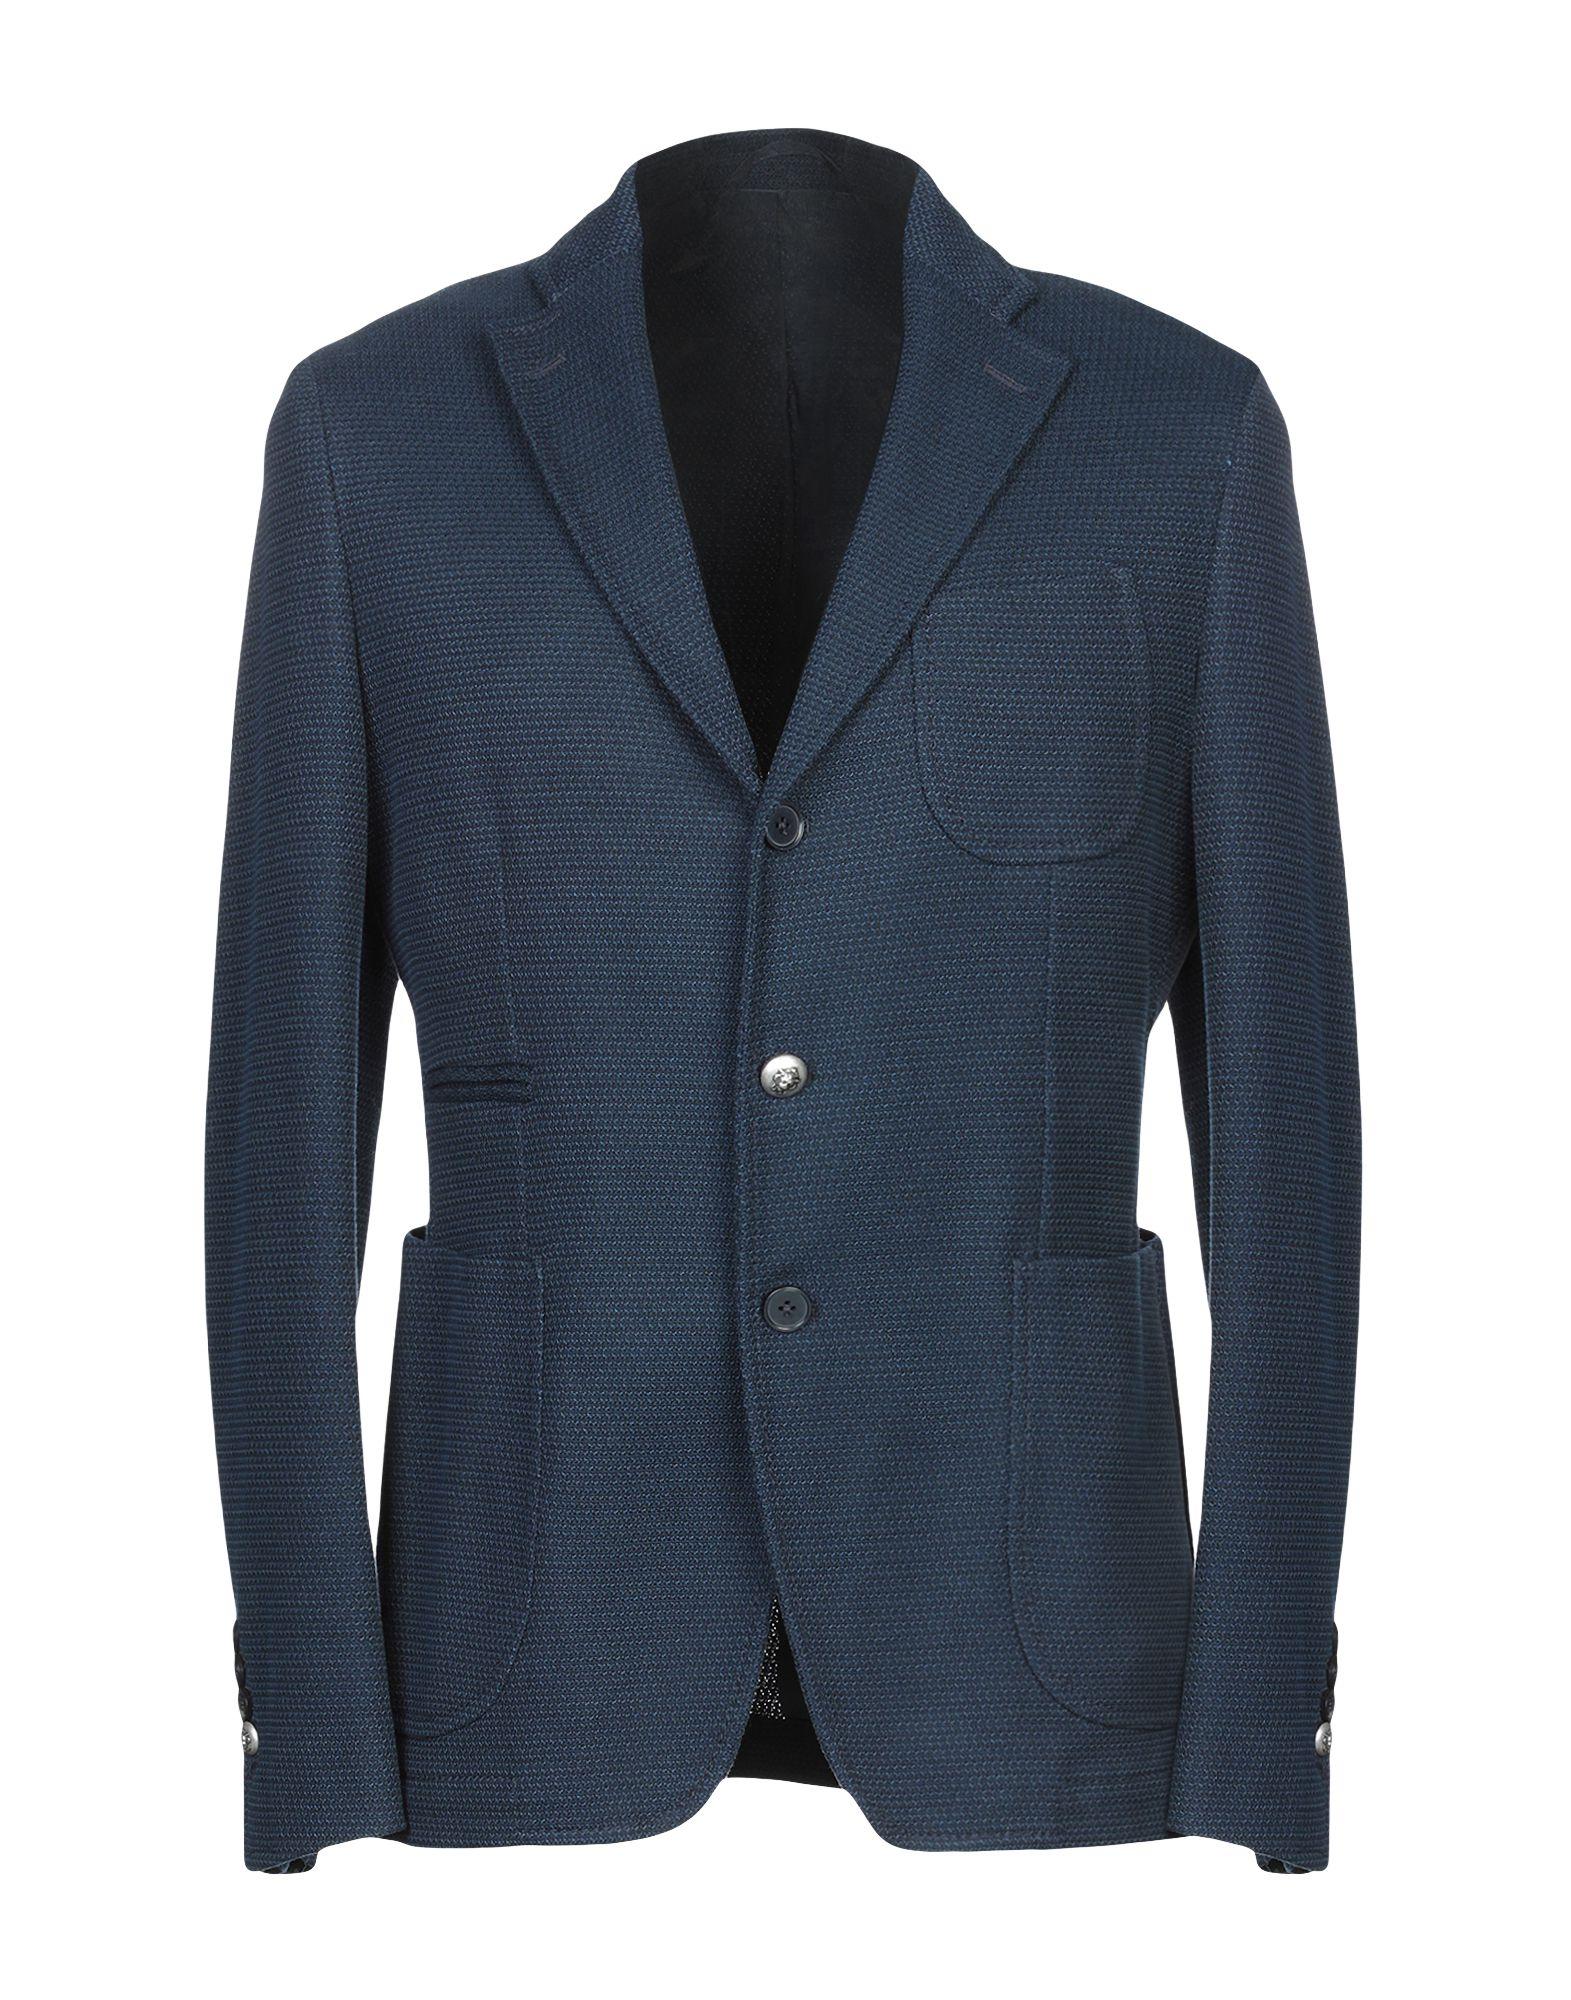 《送料無料》JOHN SHEEP メンズ テーラードジャケット ブルー 50 コットン 100%